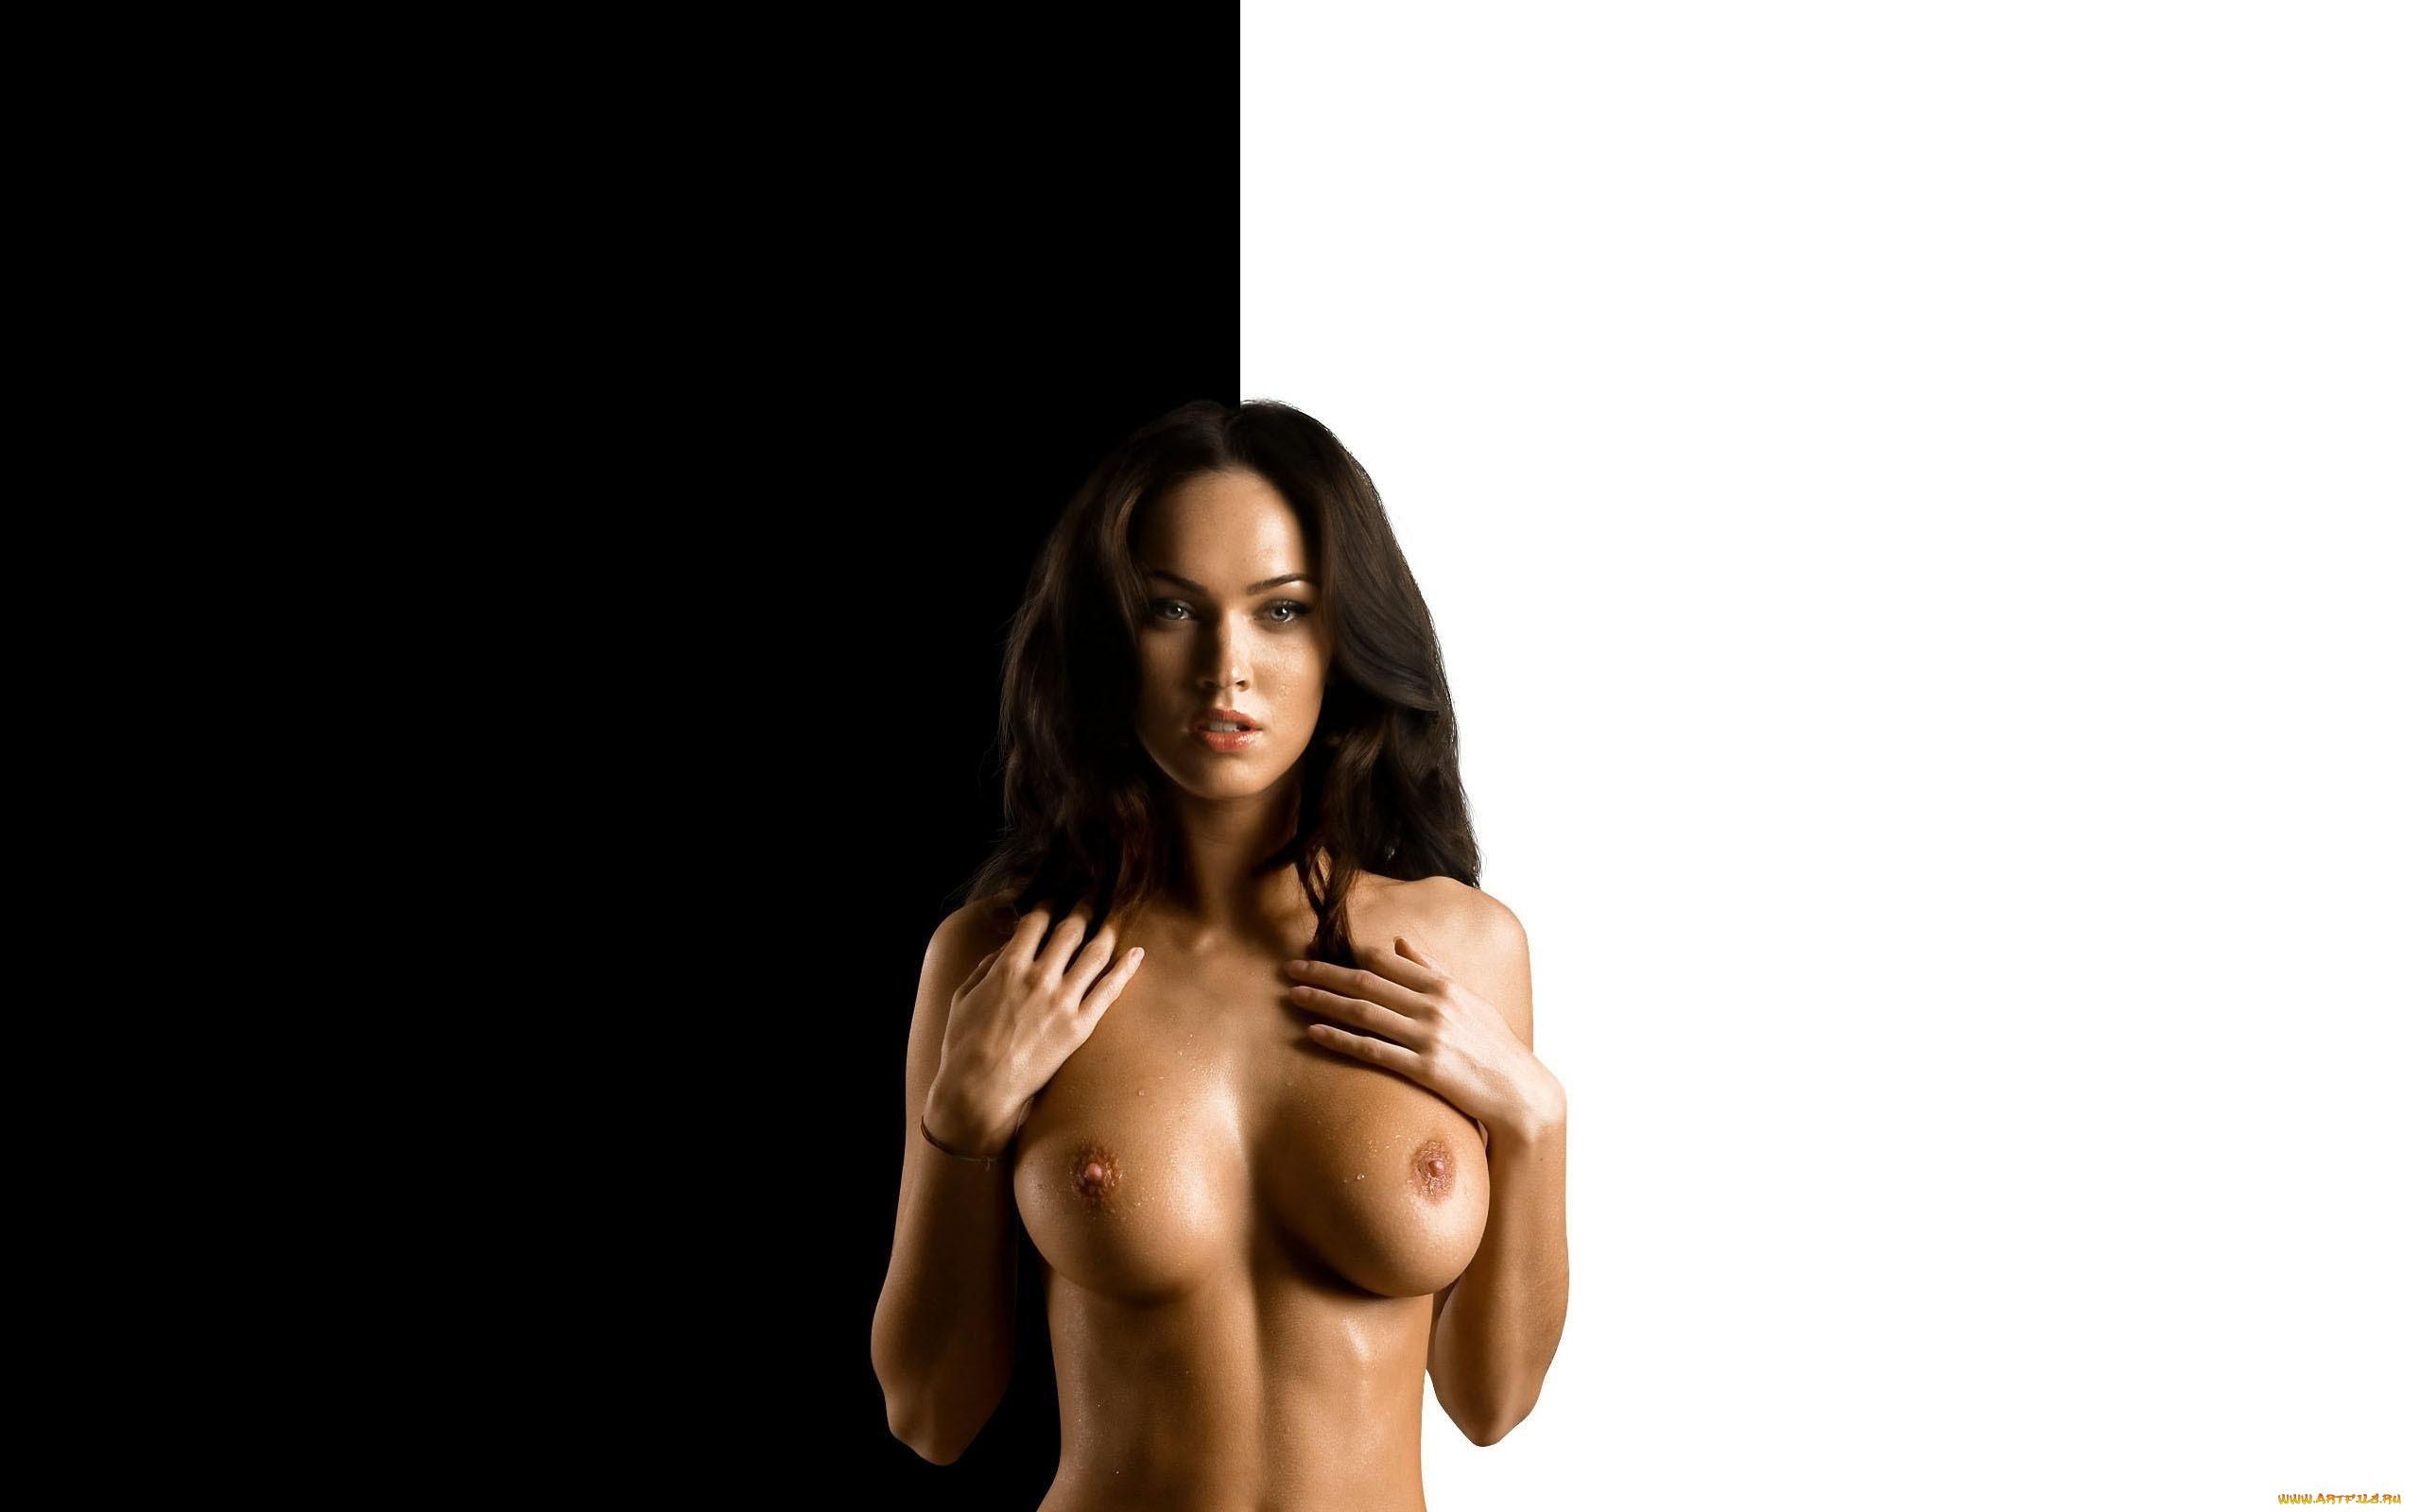 Смотреть только сексуальные фото красивых женщин 19 фотография